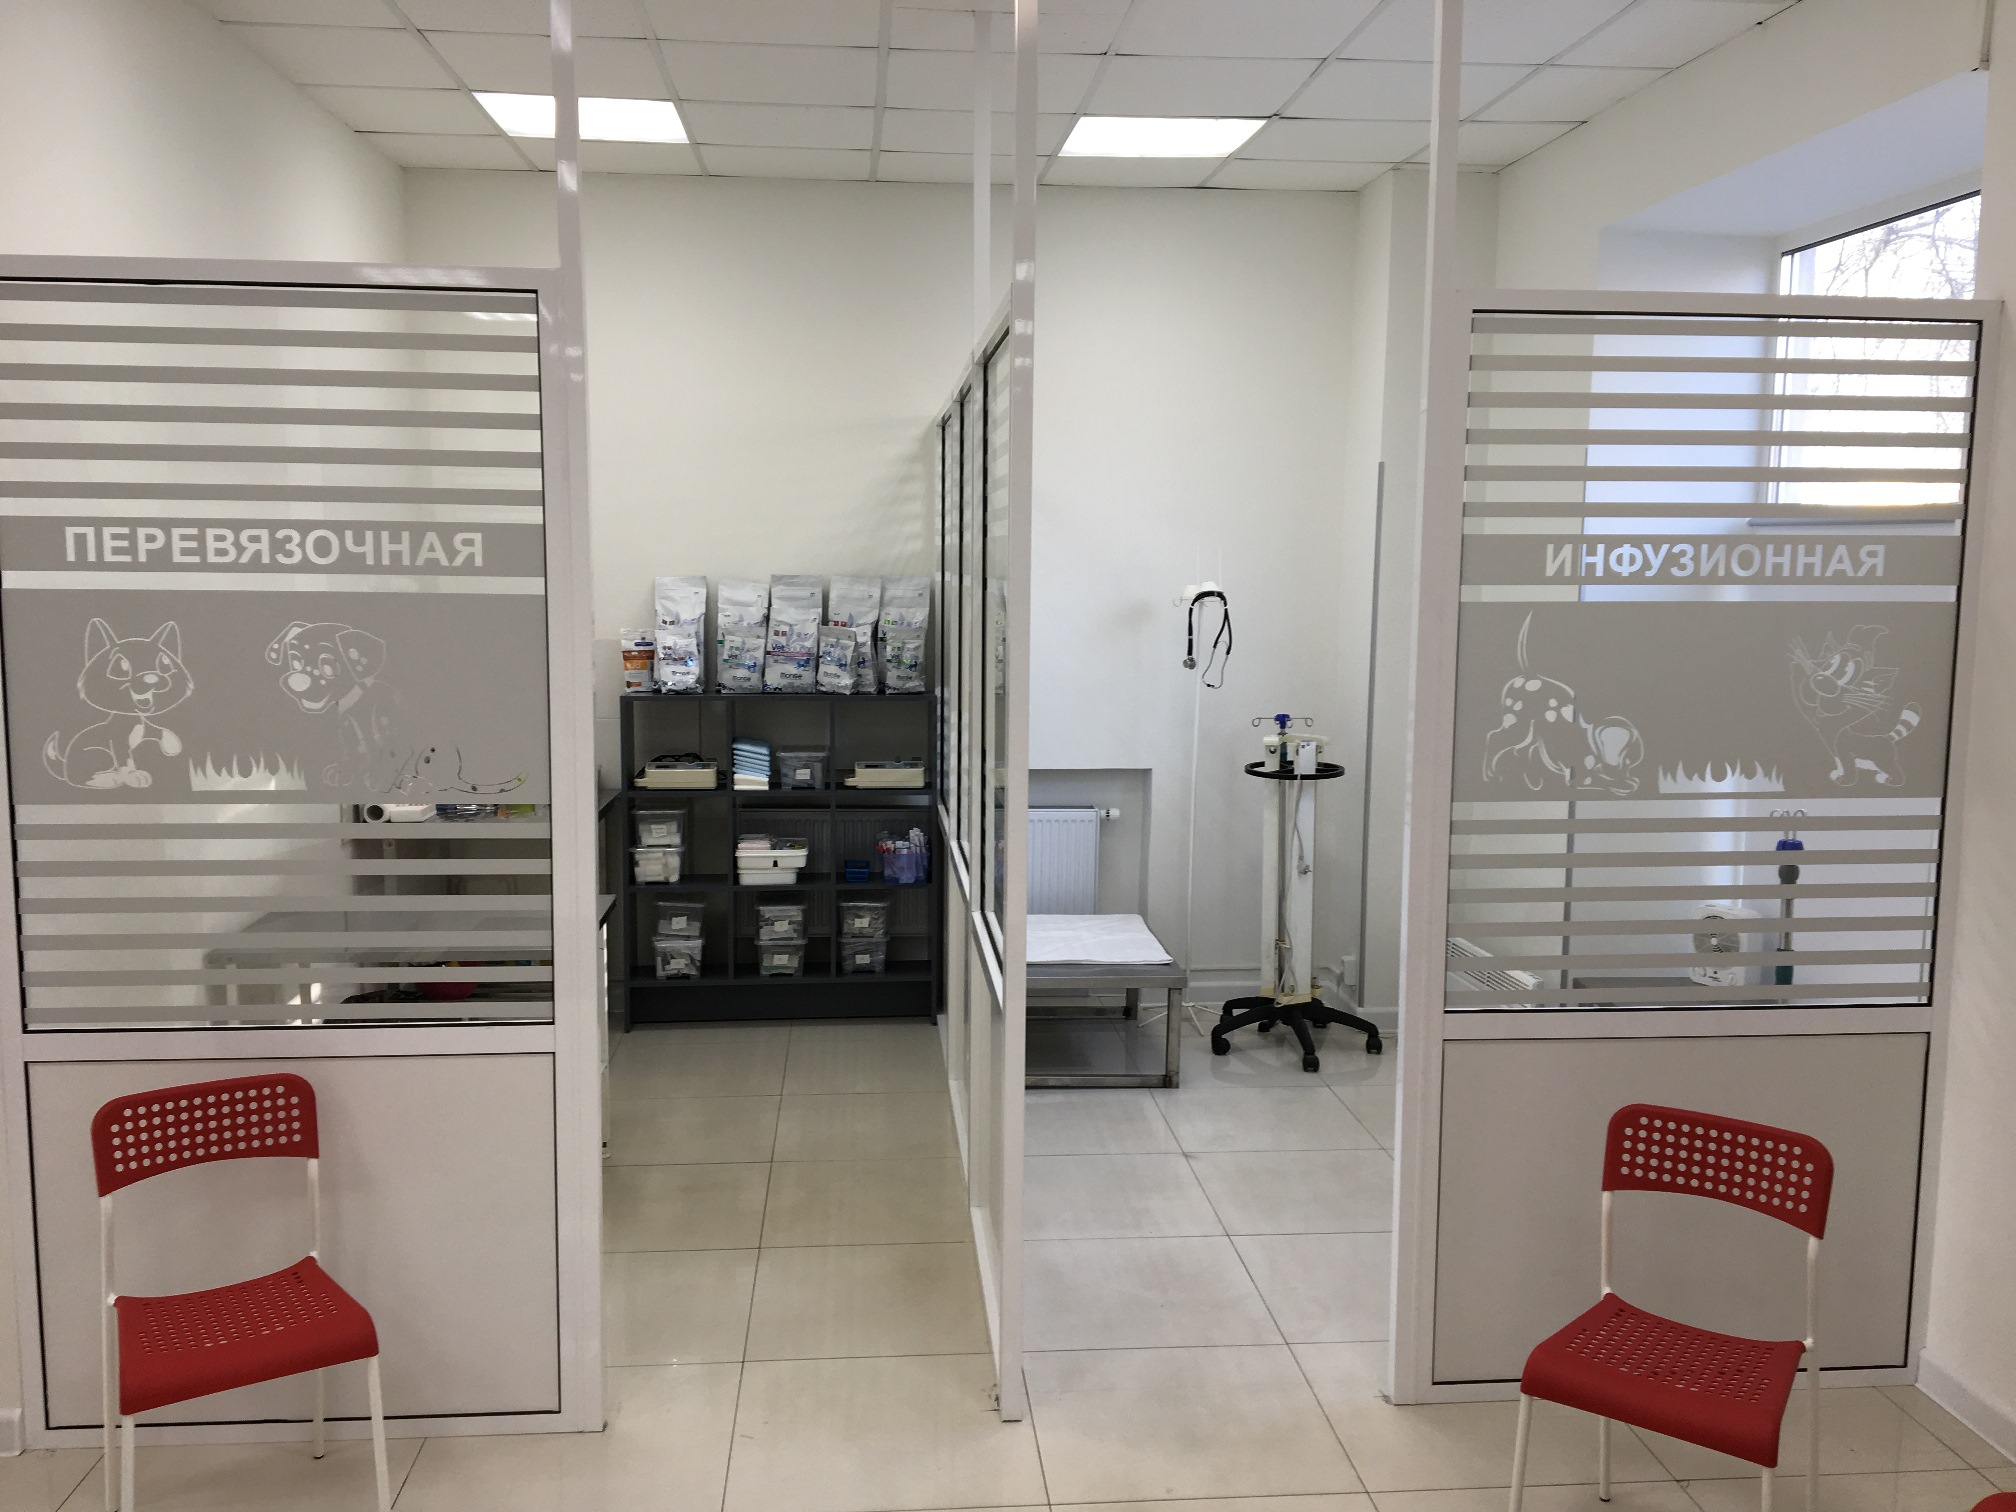 Ветеринарная клиника Кот+Бегемот